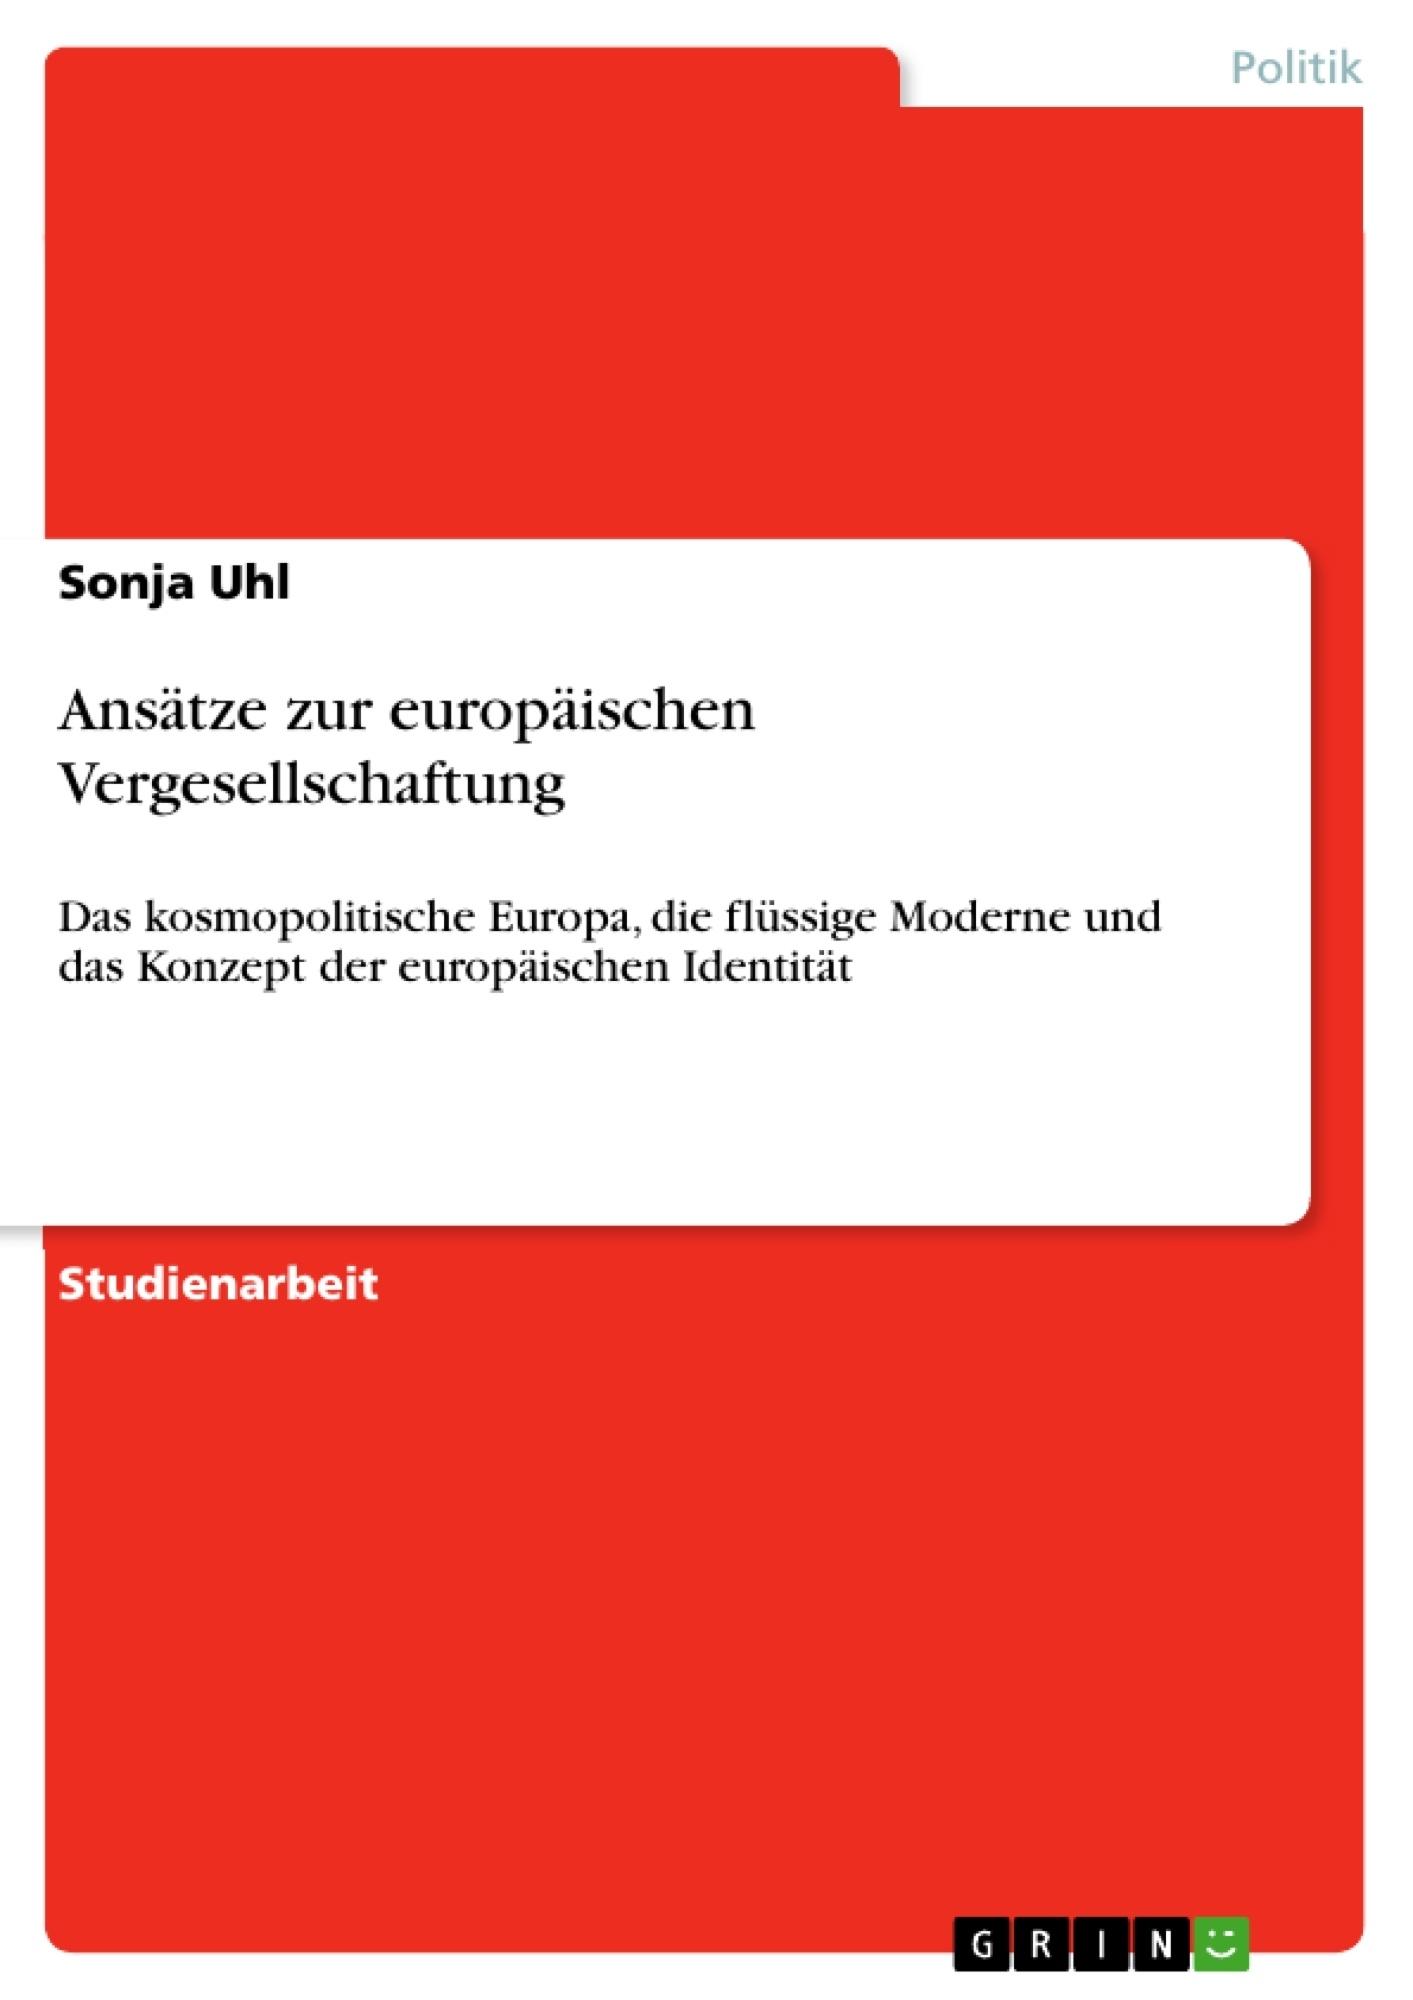 Titel: Ansätze zur europäischen Vergesellschaftung